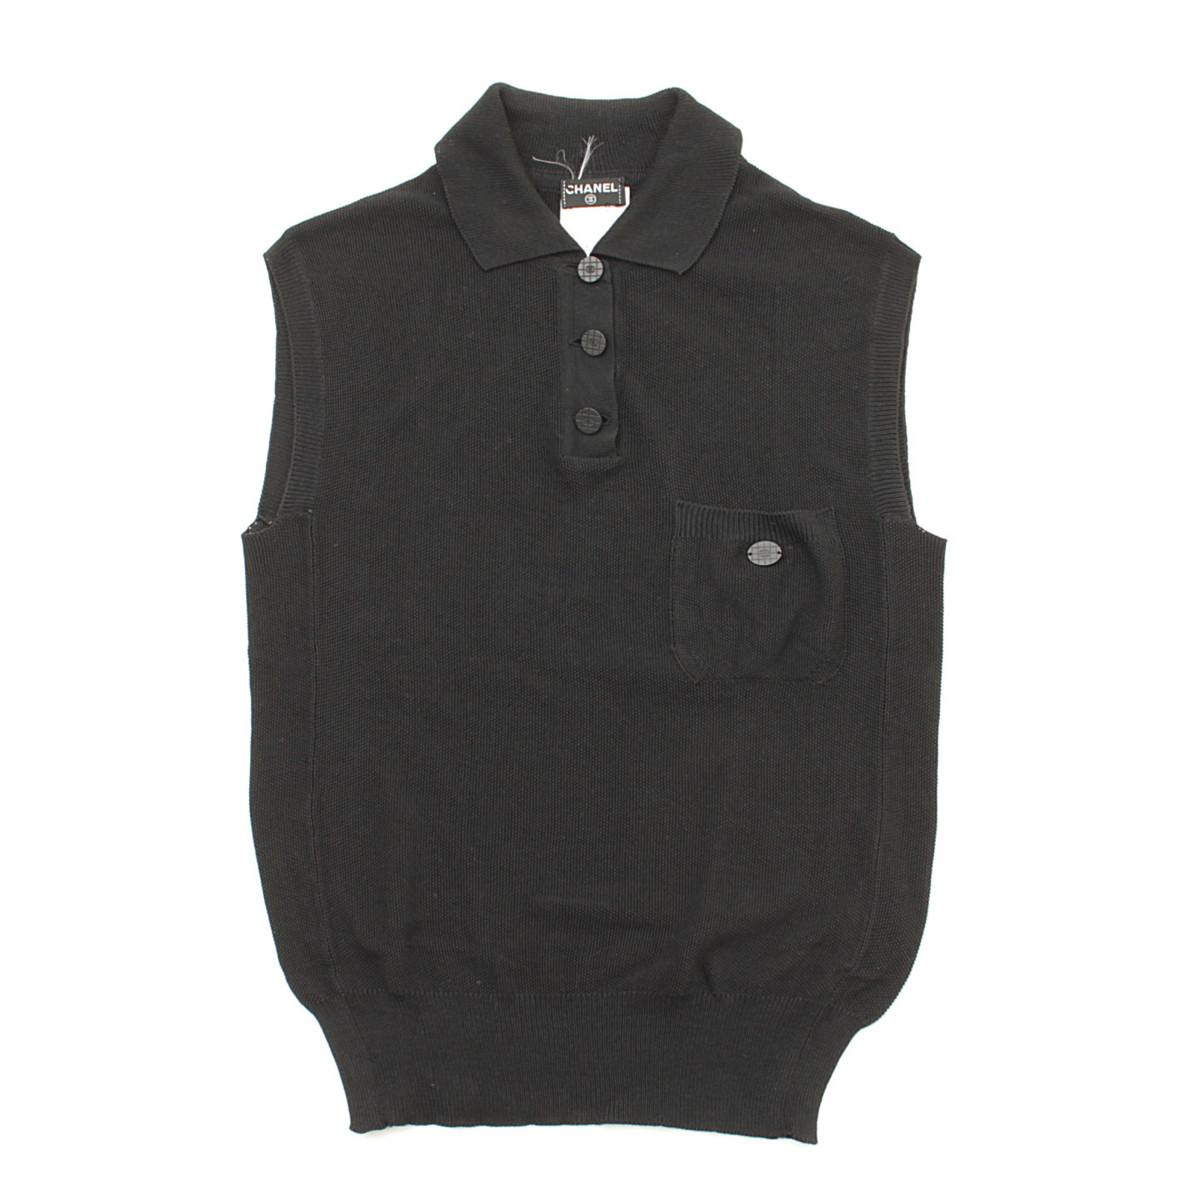 【シャネル】Chanel ココボタン シルク ノースリーブトップス ブラック 01P 38 【中古】【鑑定済・正規品保証】37836